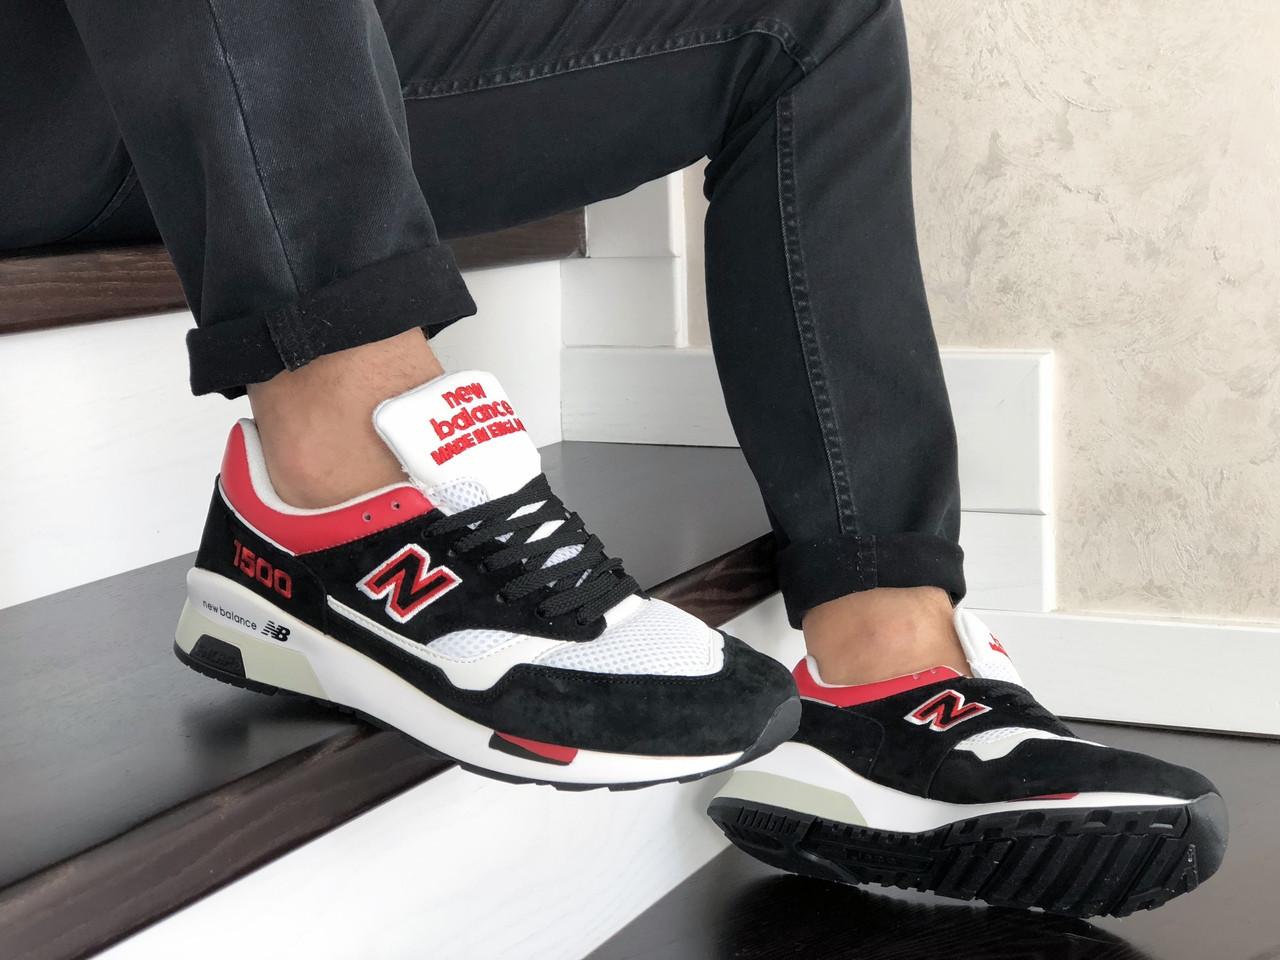 Мужские кроссовки New Balance 1500 ВЕЛИКОБРИТАНИЯ (черно-белые с красным) 9123